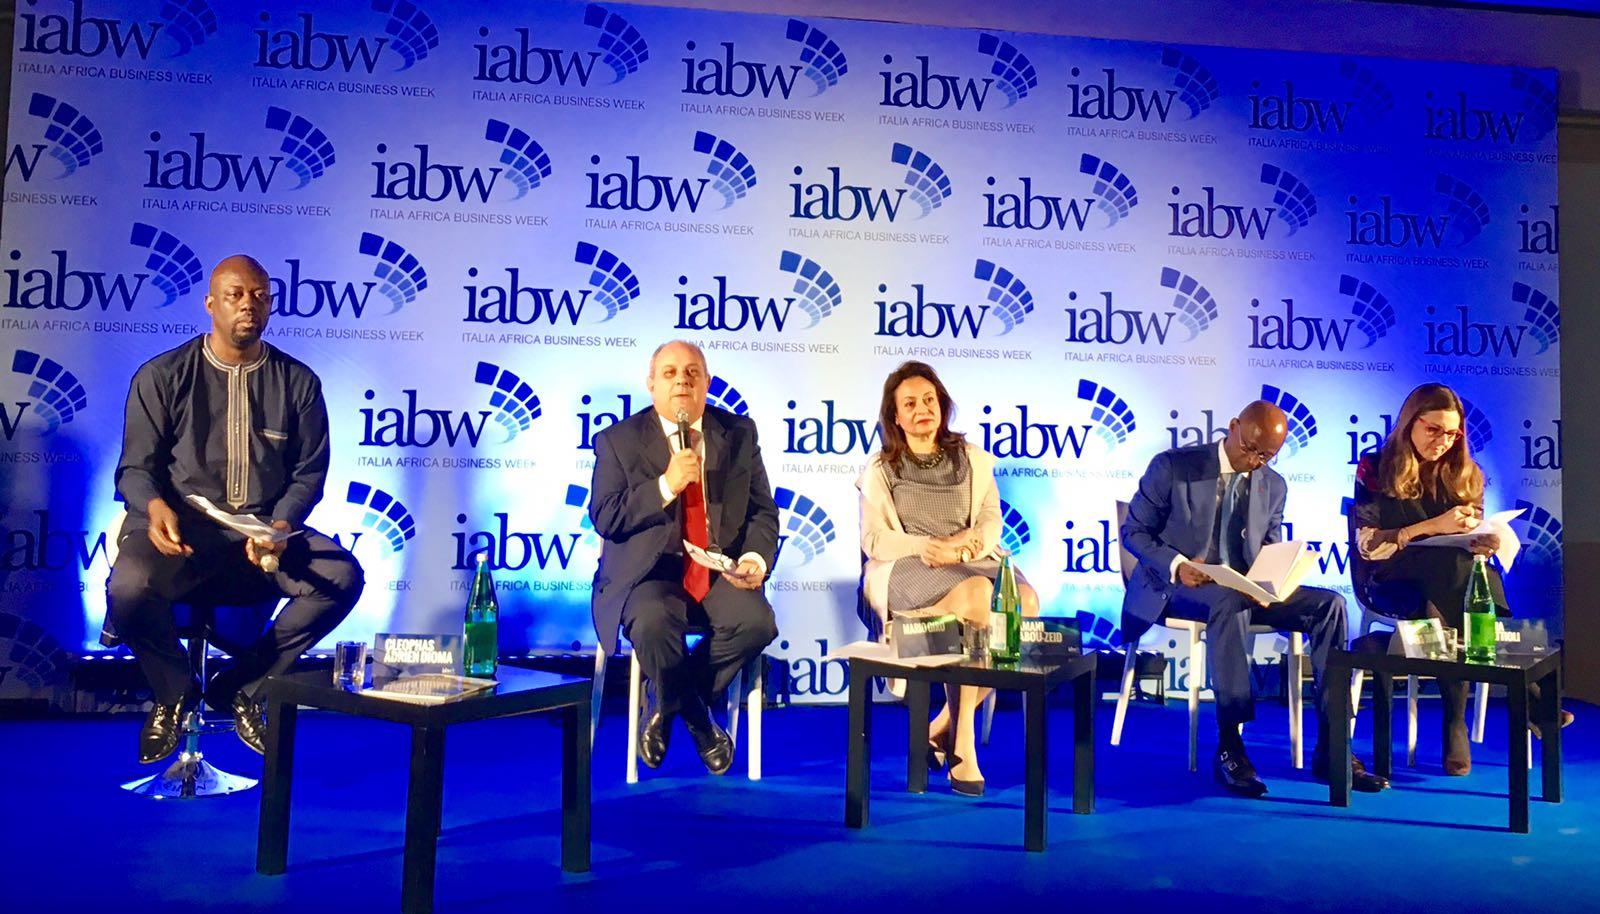 ITPO Italy partecipa alla conferenza di apertura della prima edizione di IABW-Italia Africa Business Week